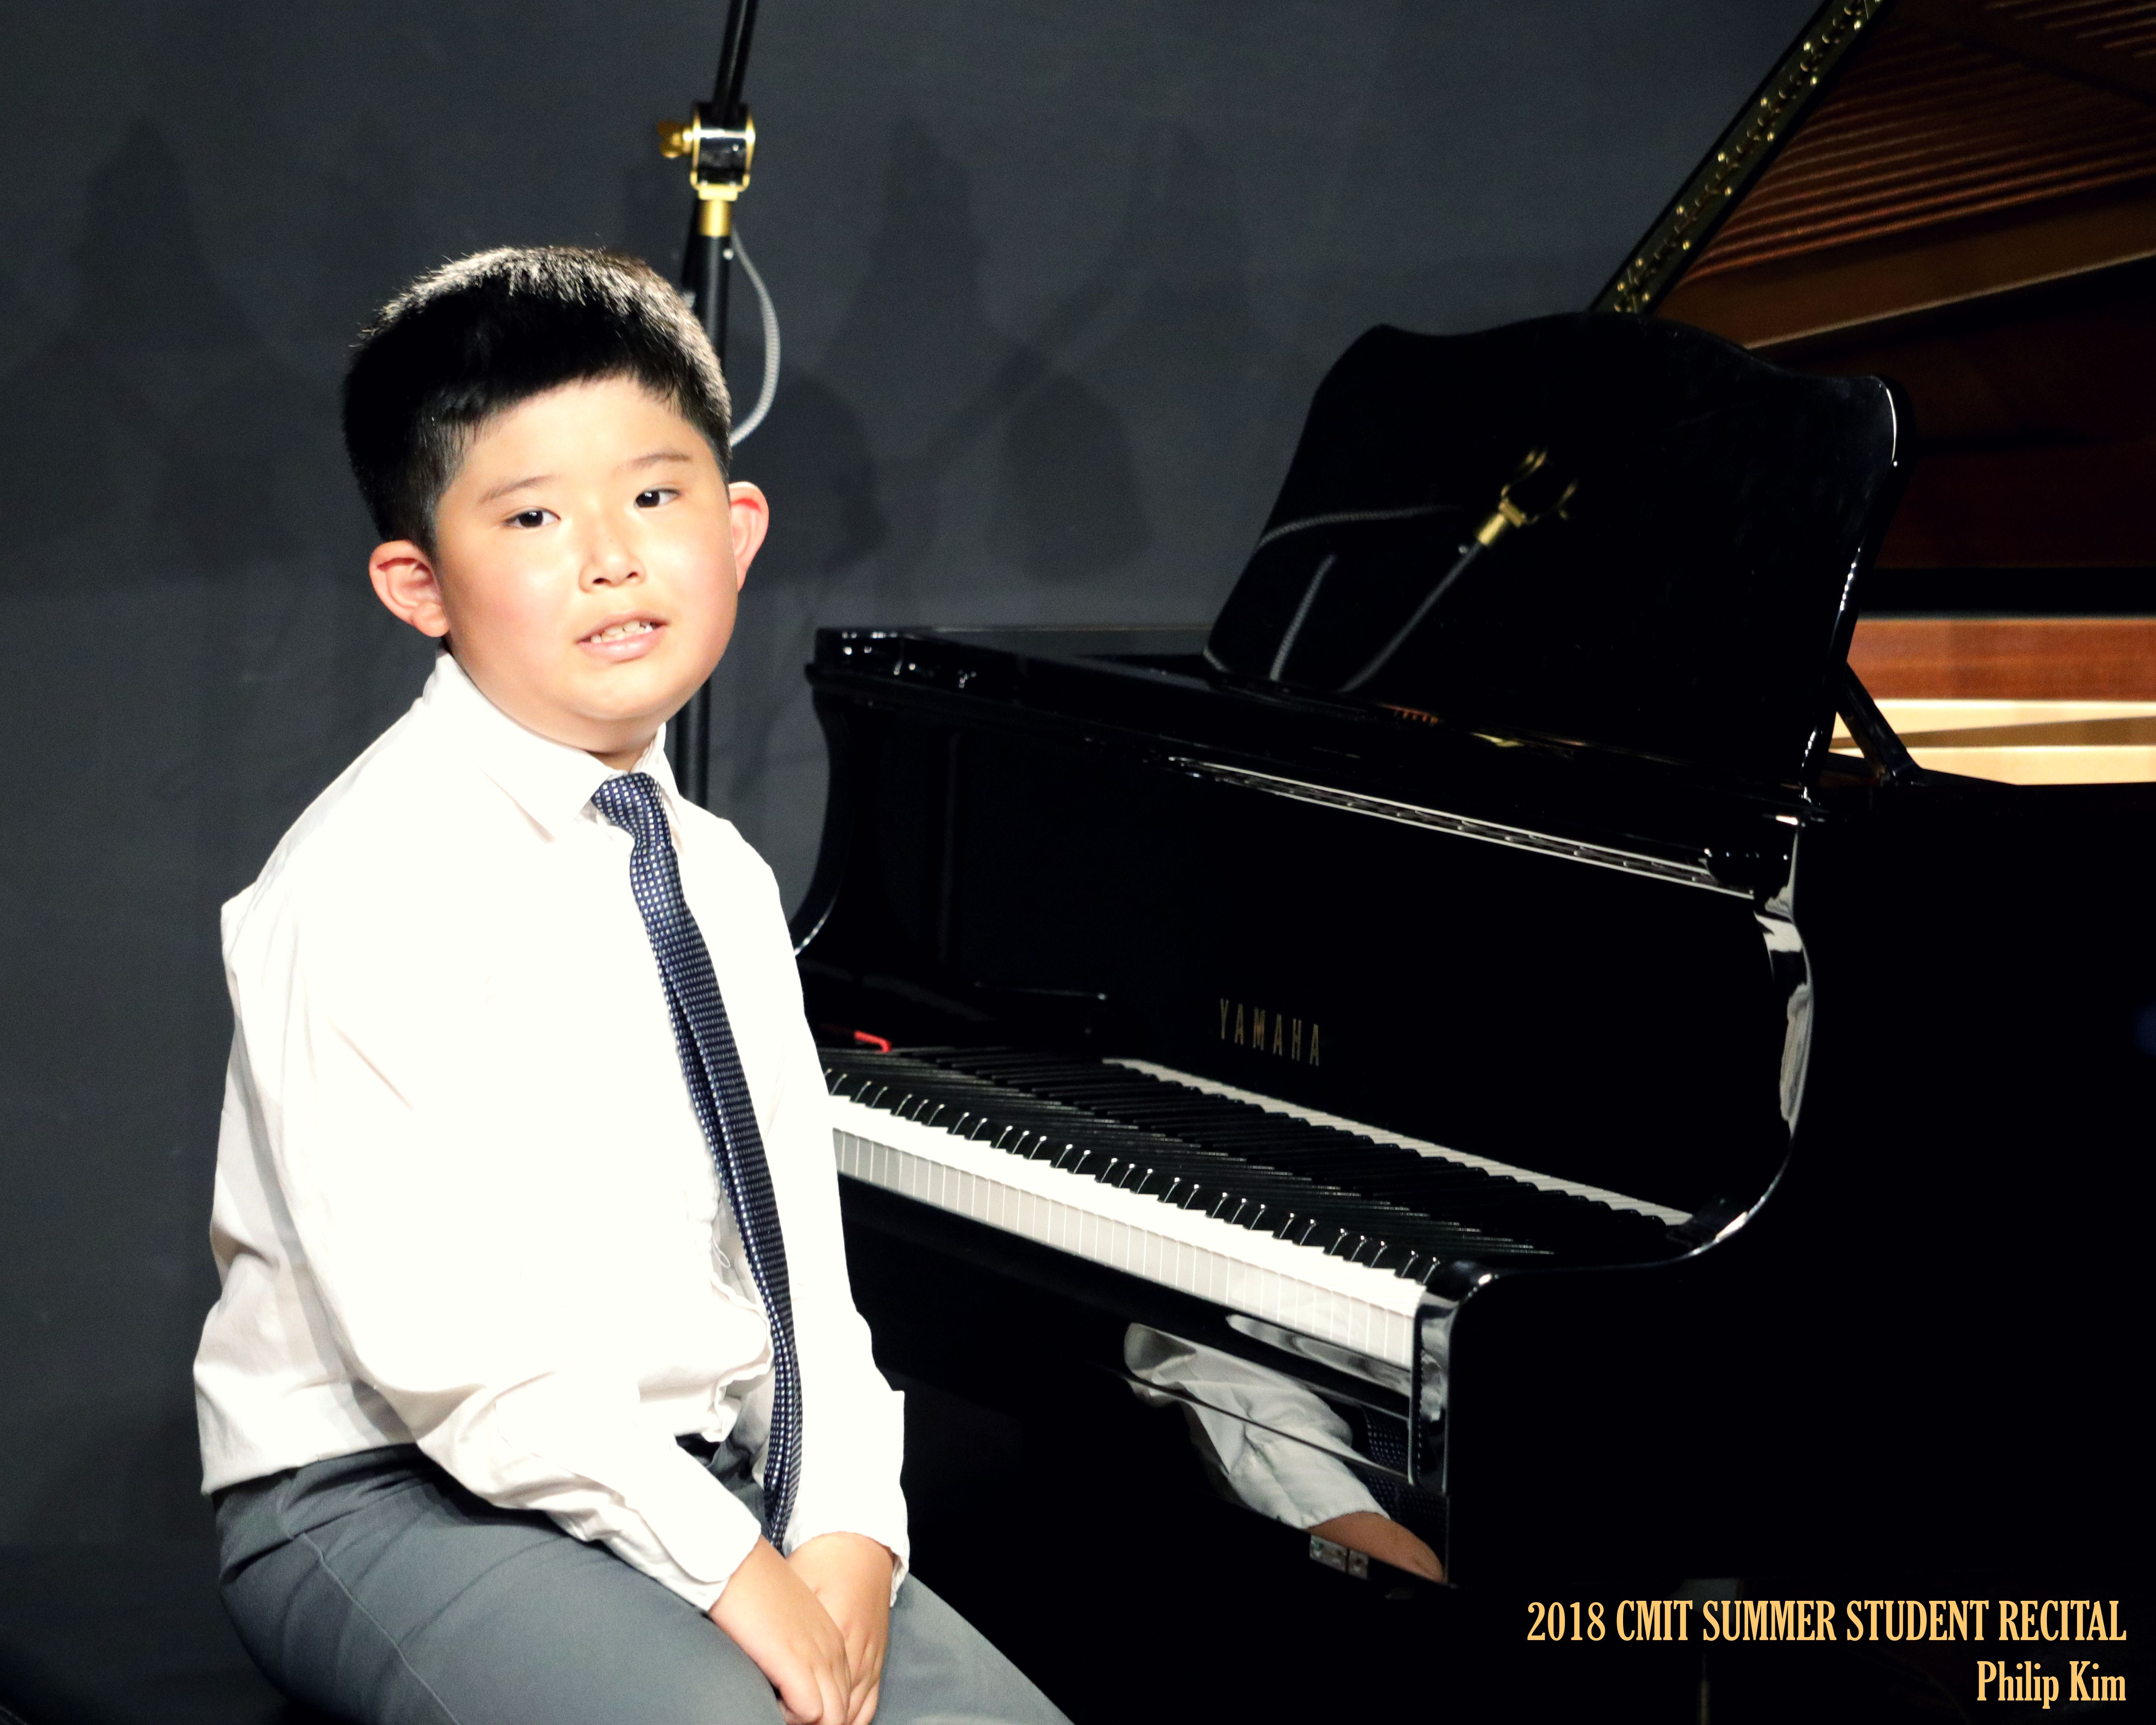 11 Philip Kim